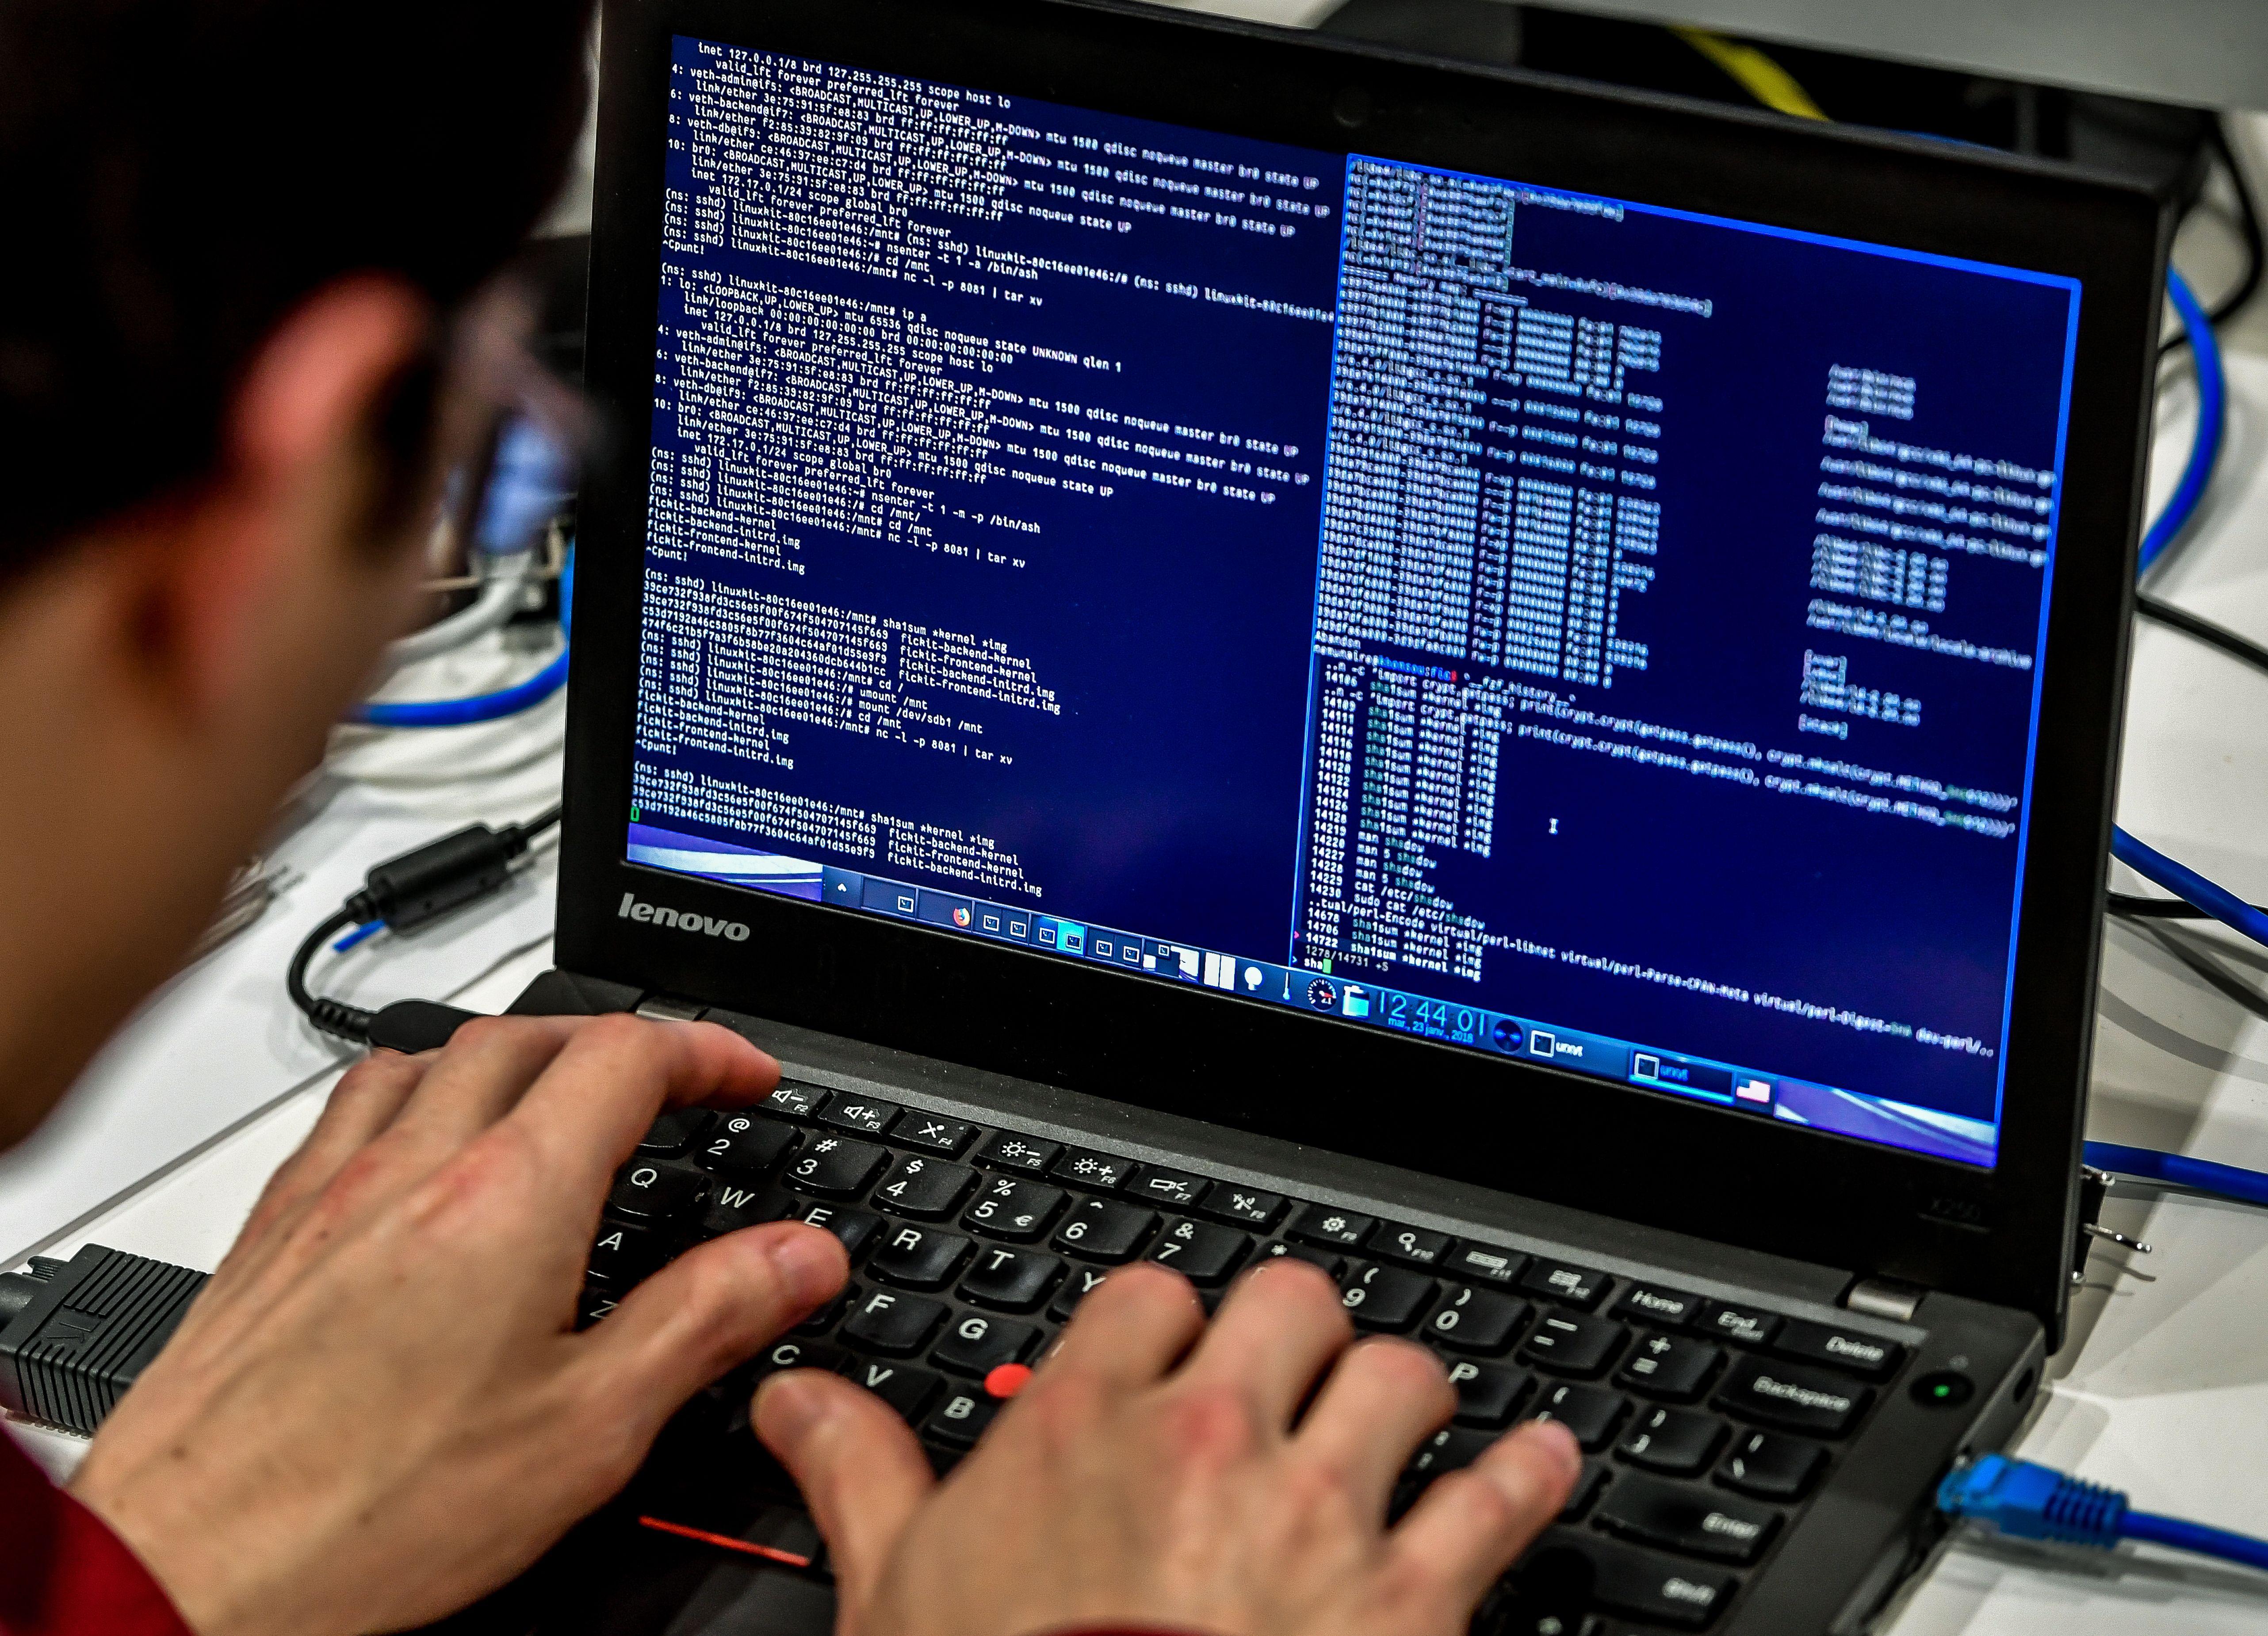 代碼戰打響 中共黑客威脅美國軍事與就業